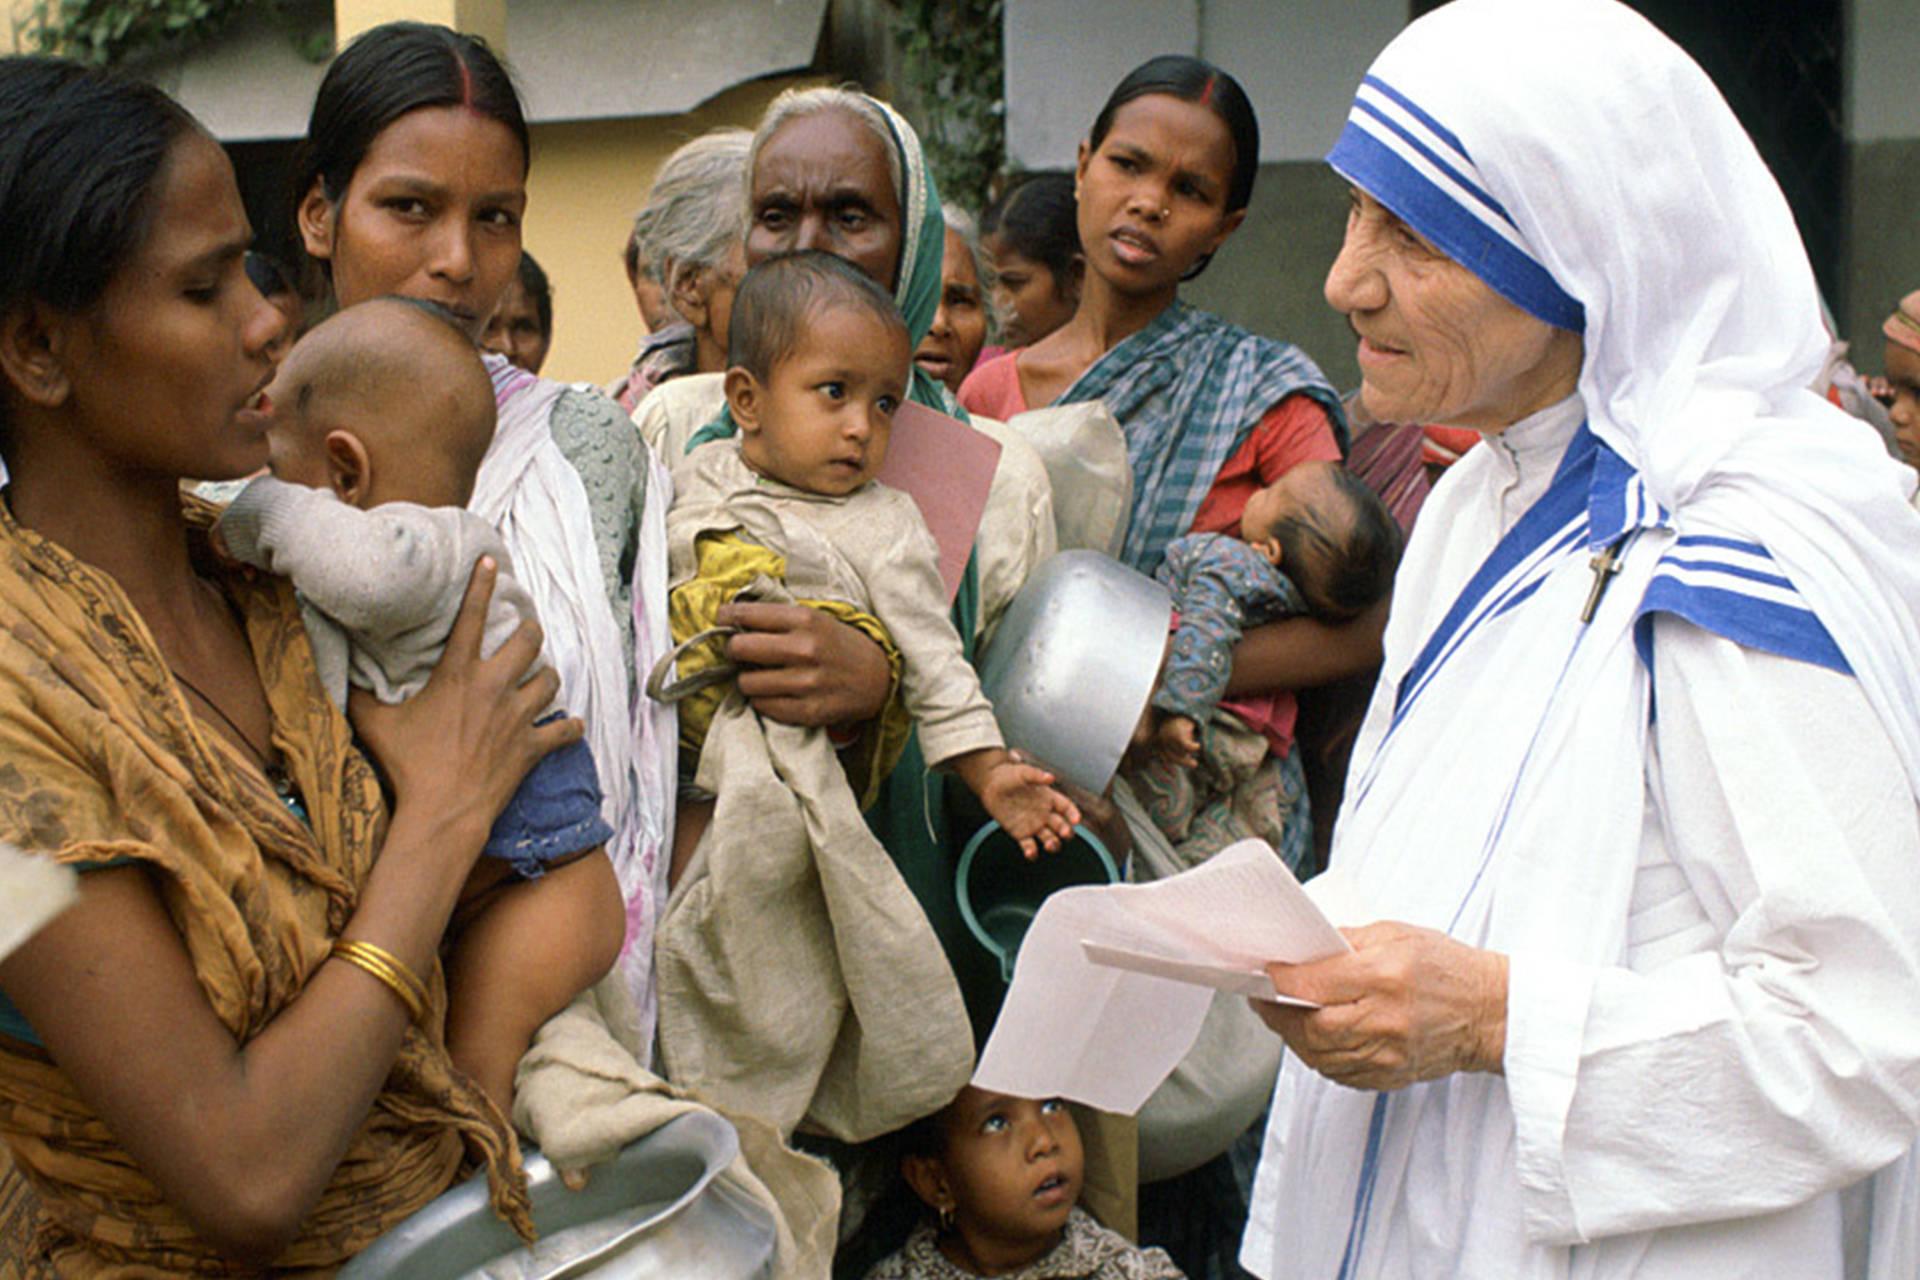 Kết quả hình ảnh cho mother teresa work in india